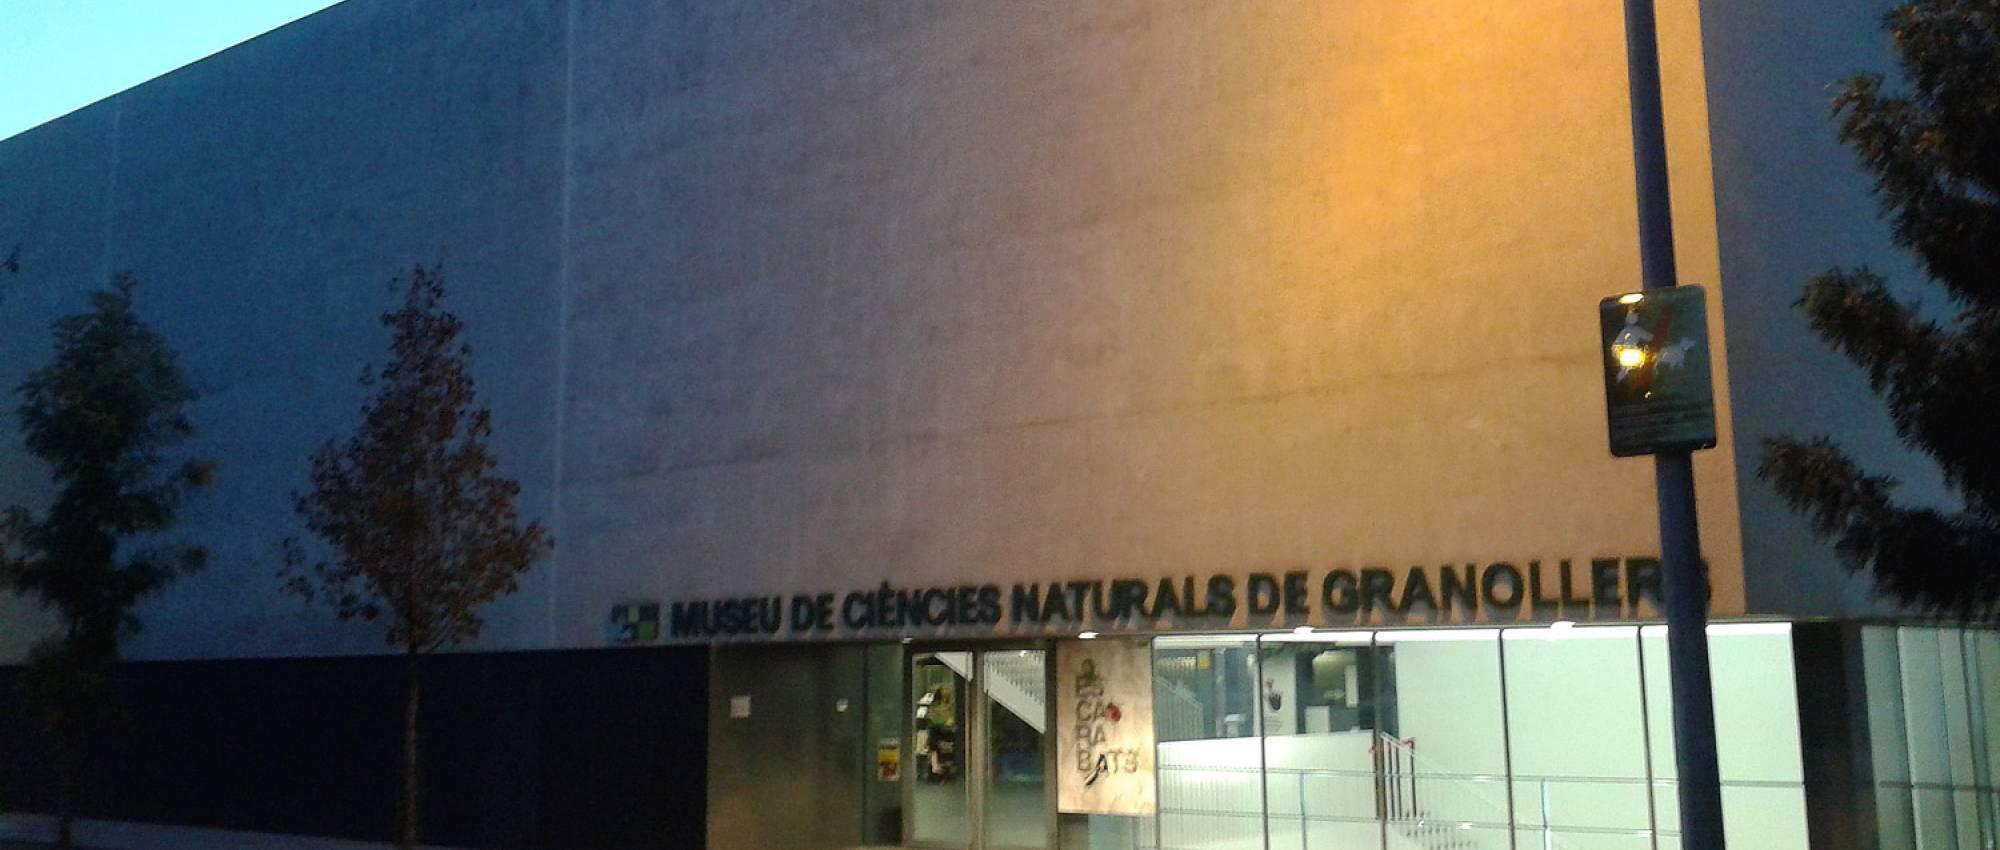 Fachada del Museu d'Història Natural de Granollers.  CC BY-SA 4.0 - Vàngelis Villar / Wikimedia Commons